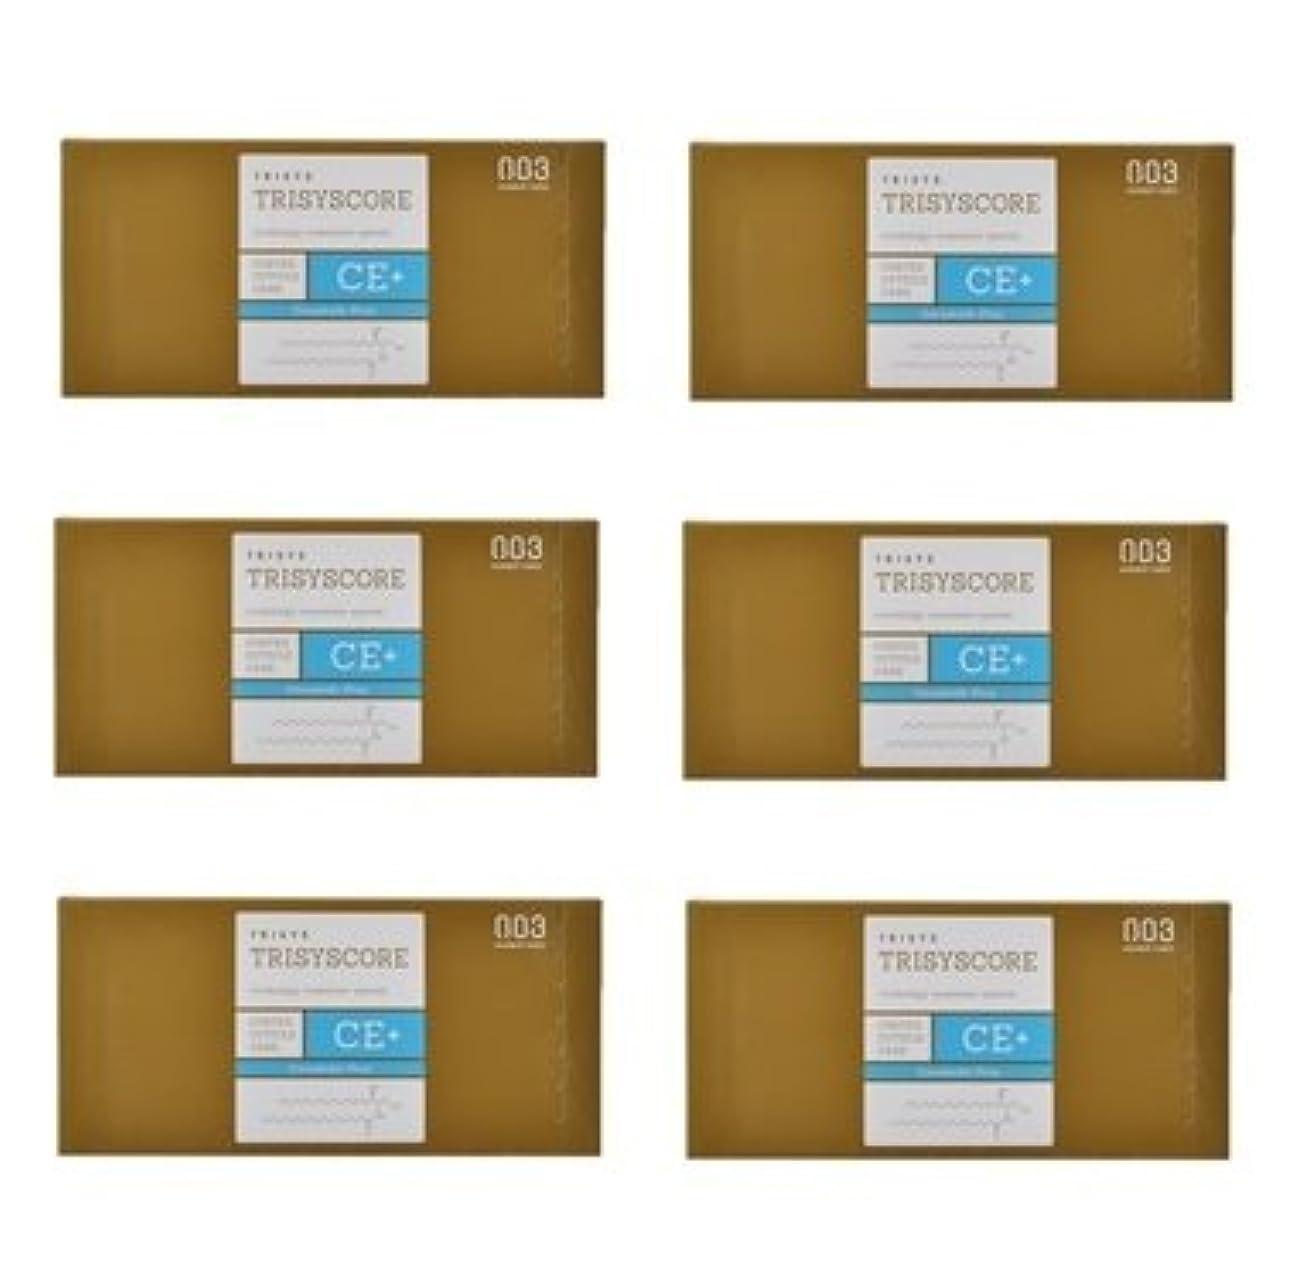 凝視コンサート薬を飲む【X6個セット】ナンバースリー トリシスコア CEプラス (ヘアトリートメント) 12g × 4包入り